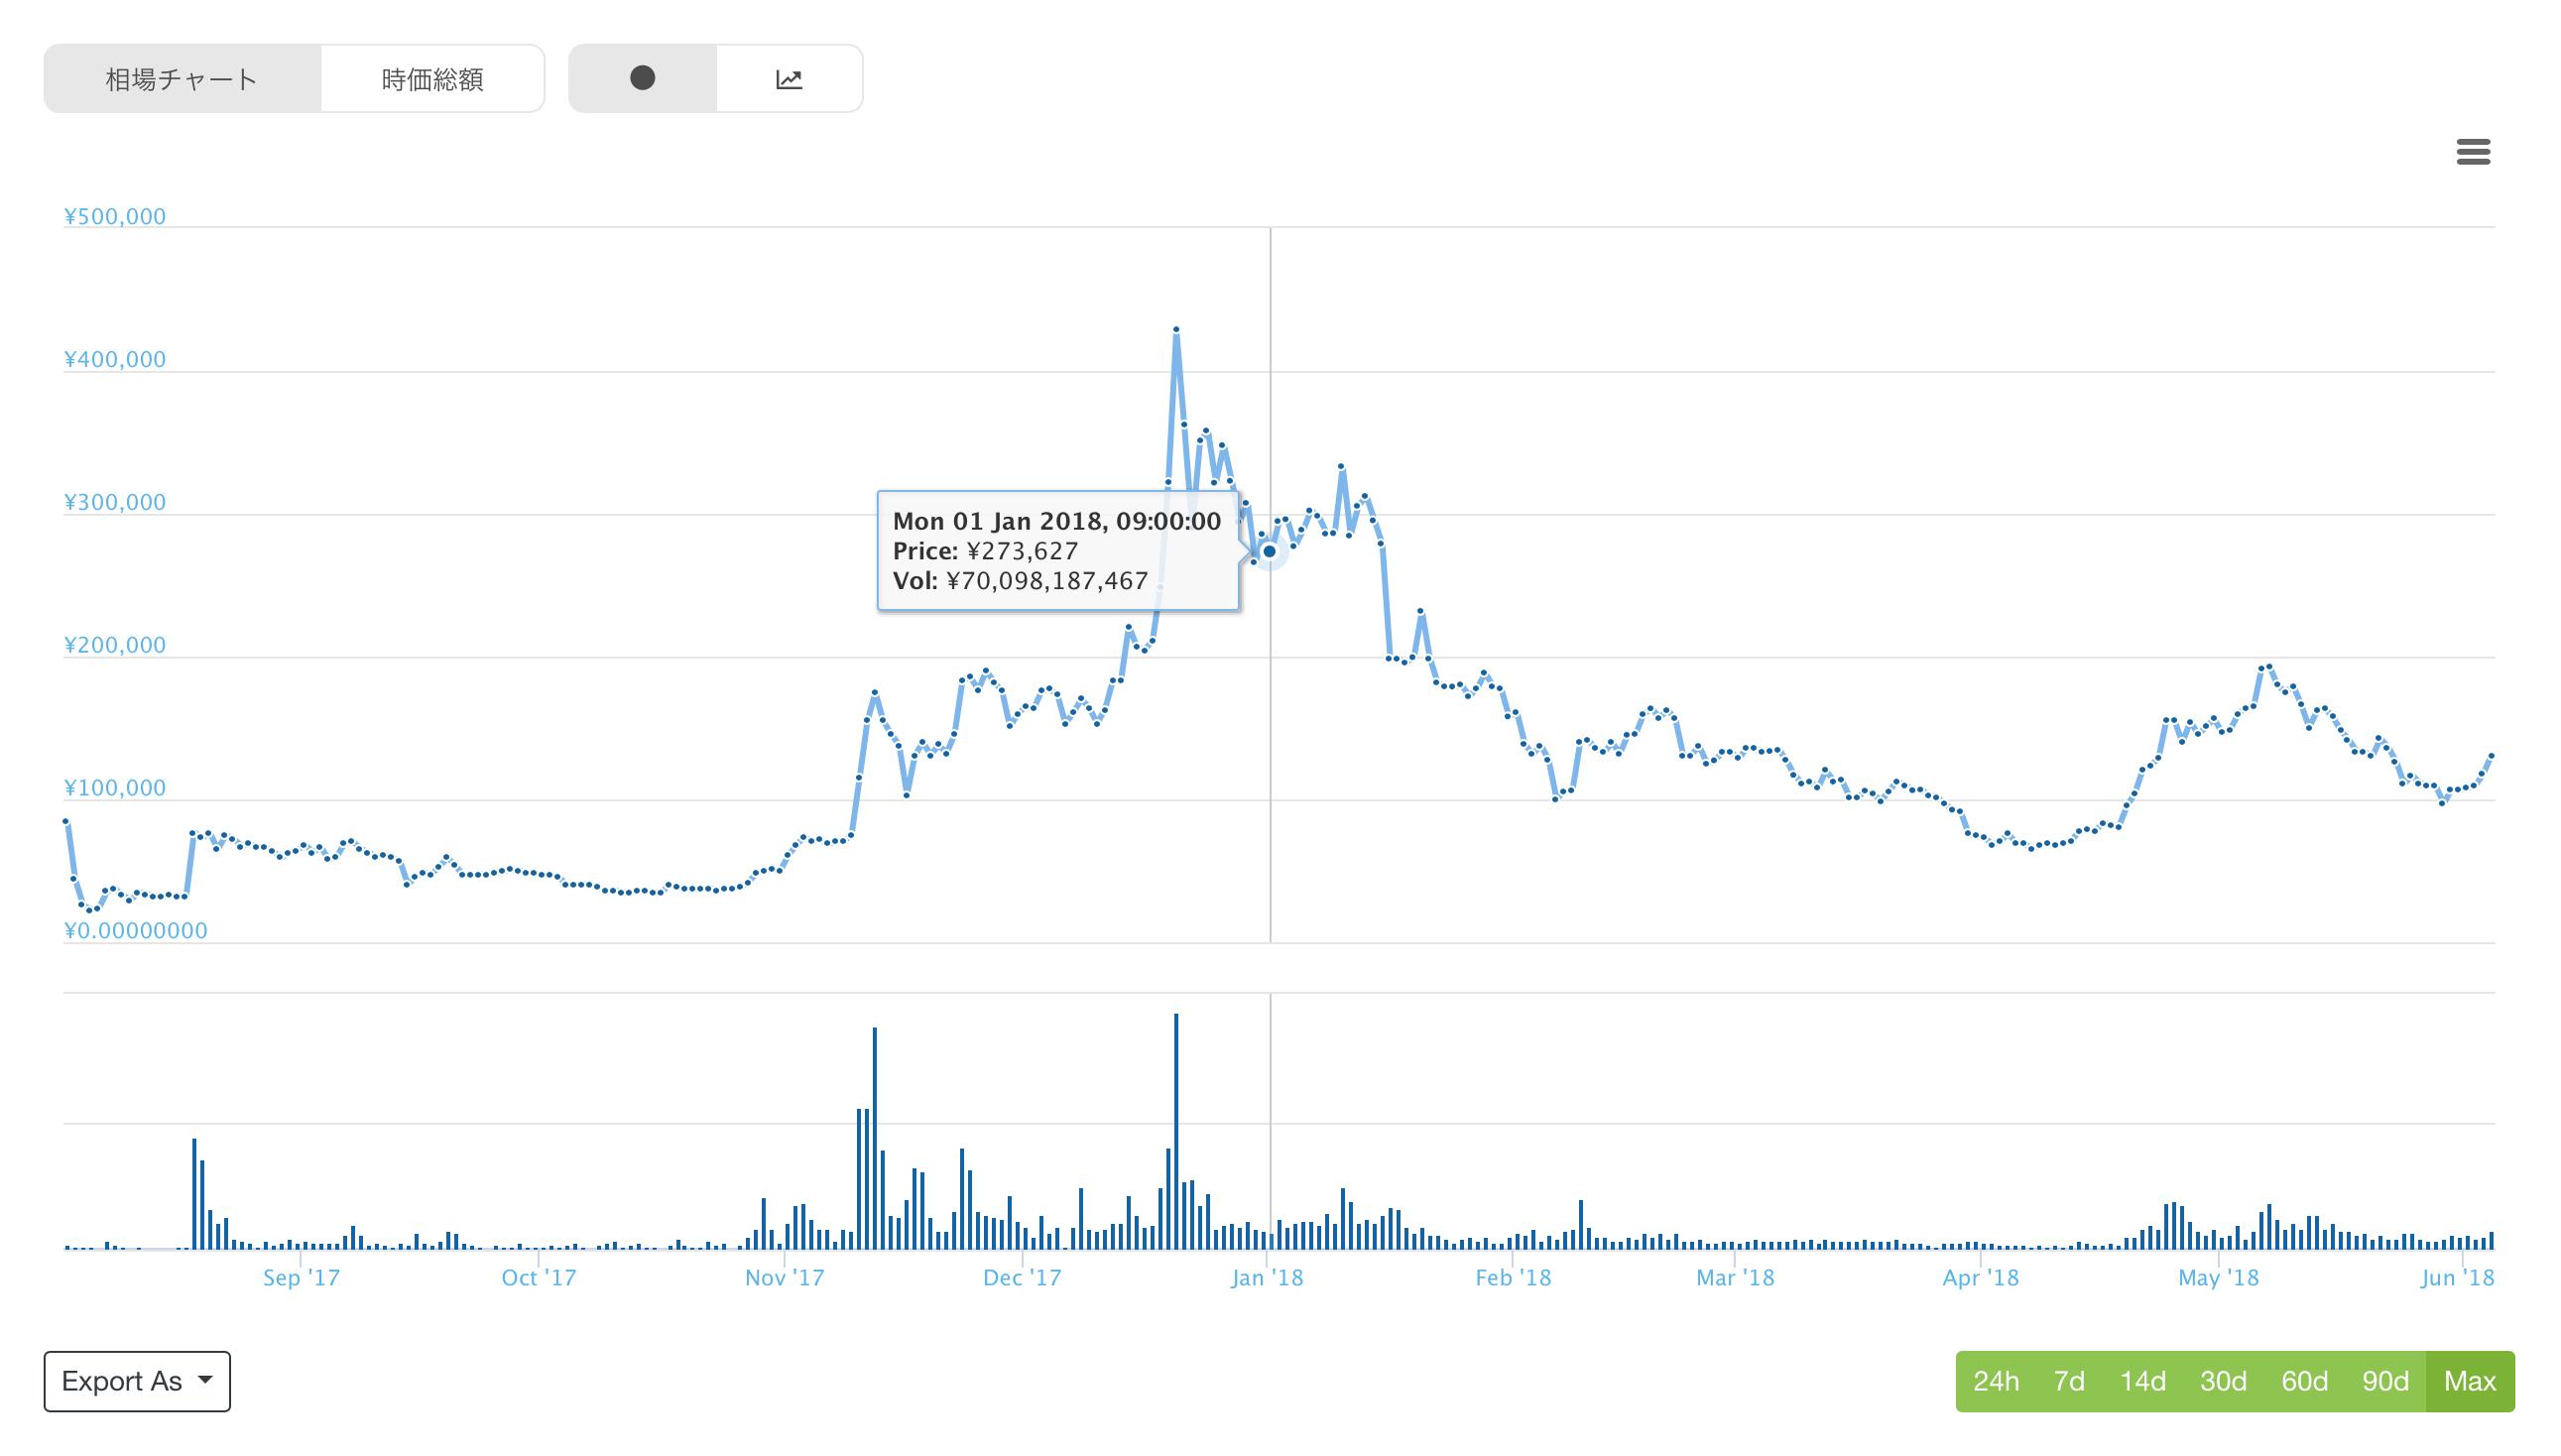 ビットコインキャッシュの価格推移